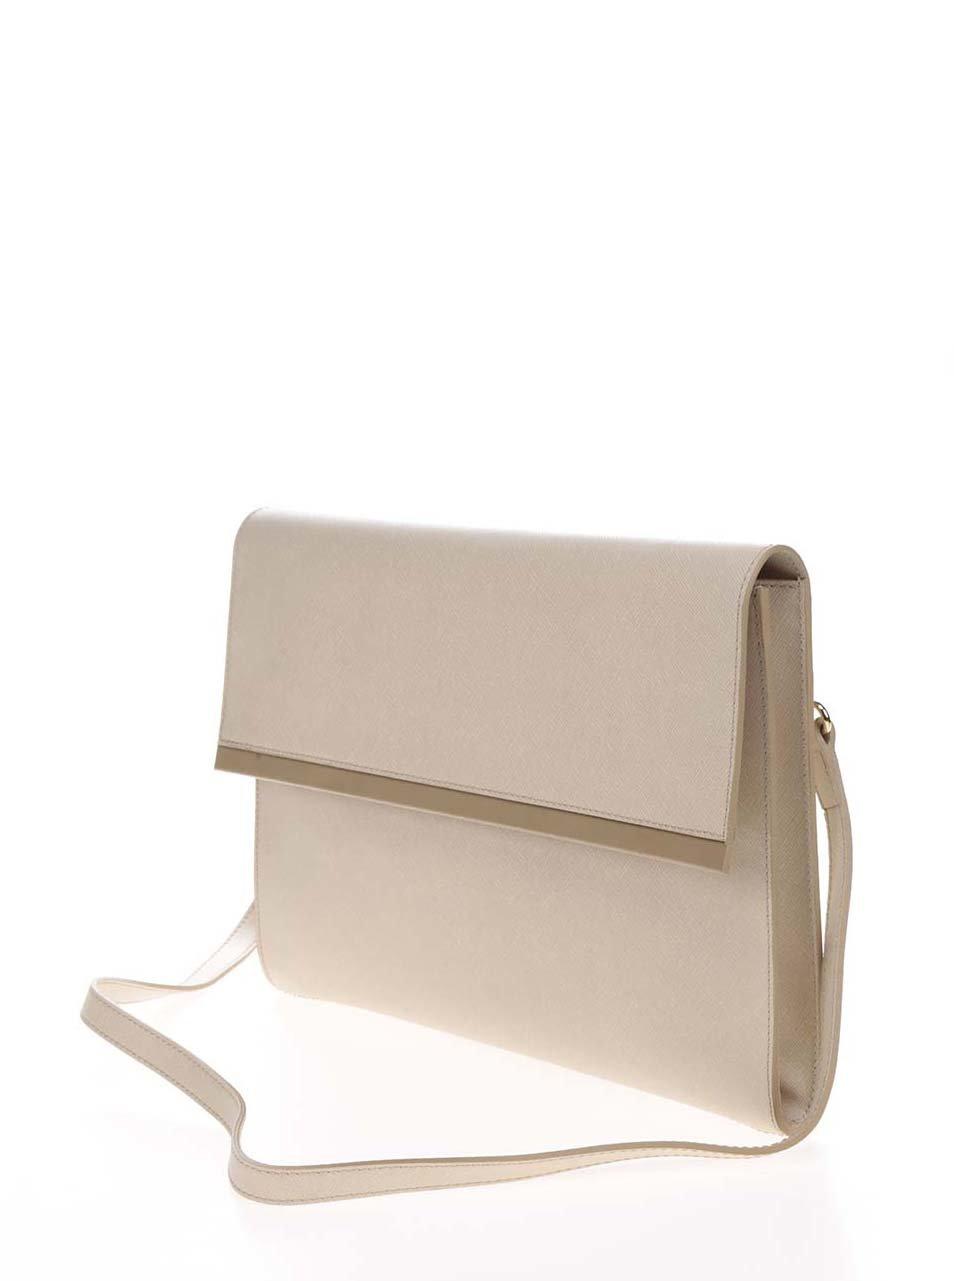 Béžová kožená listová kabelka Elega Lola ... d0ed1353a82